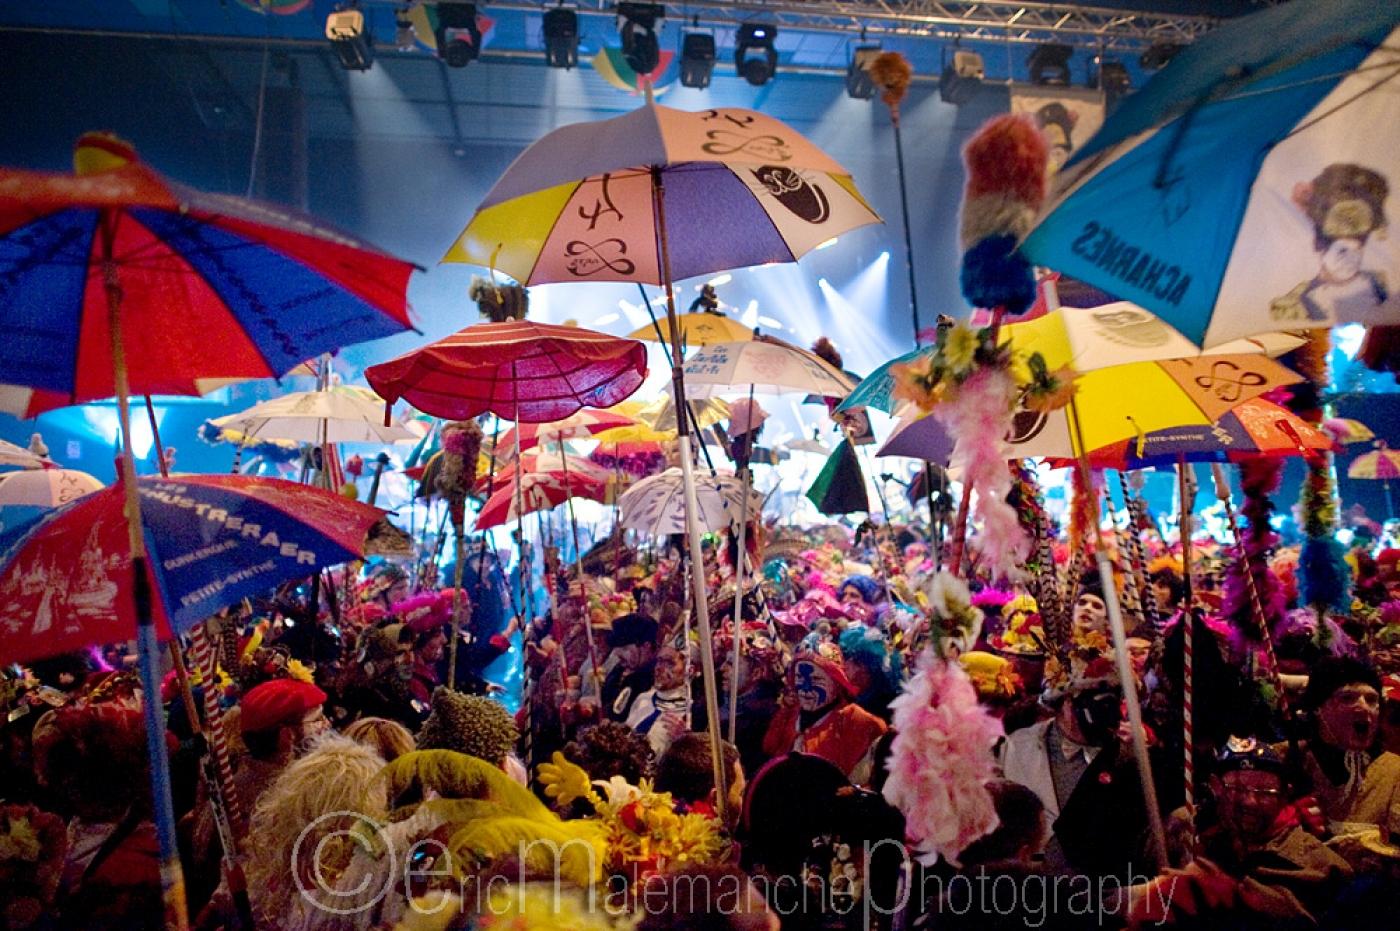 http://www.ericmalemanche.com/imagess/topics/carnaval-de-dunkerque/liste/Carnaval-Dunkerque-0867.jpg